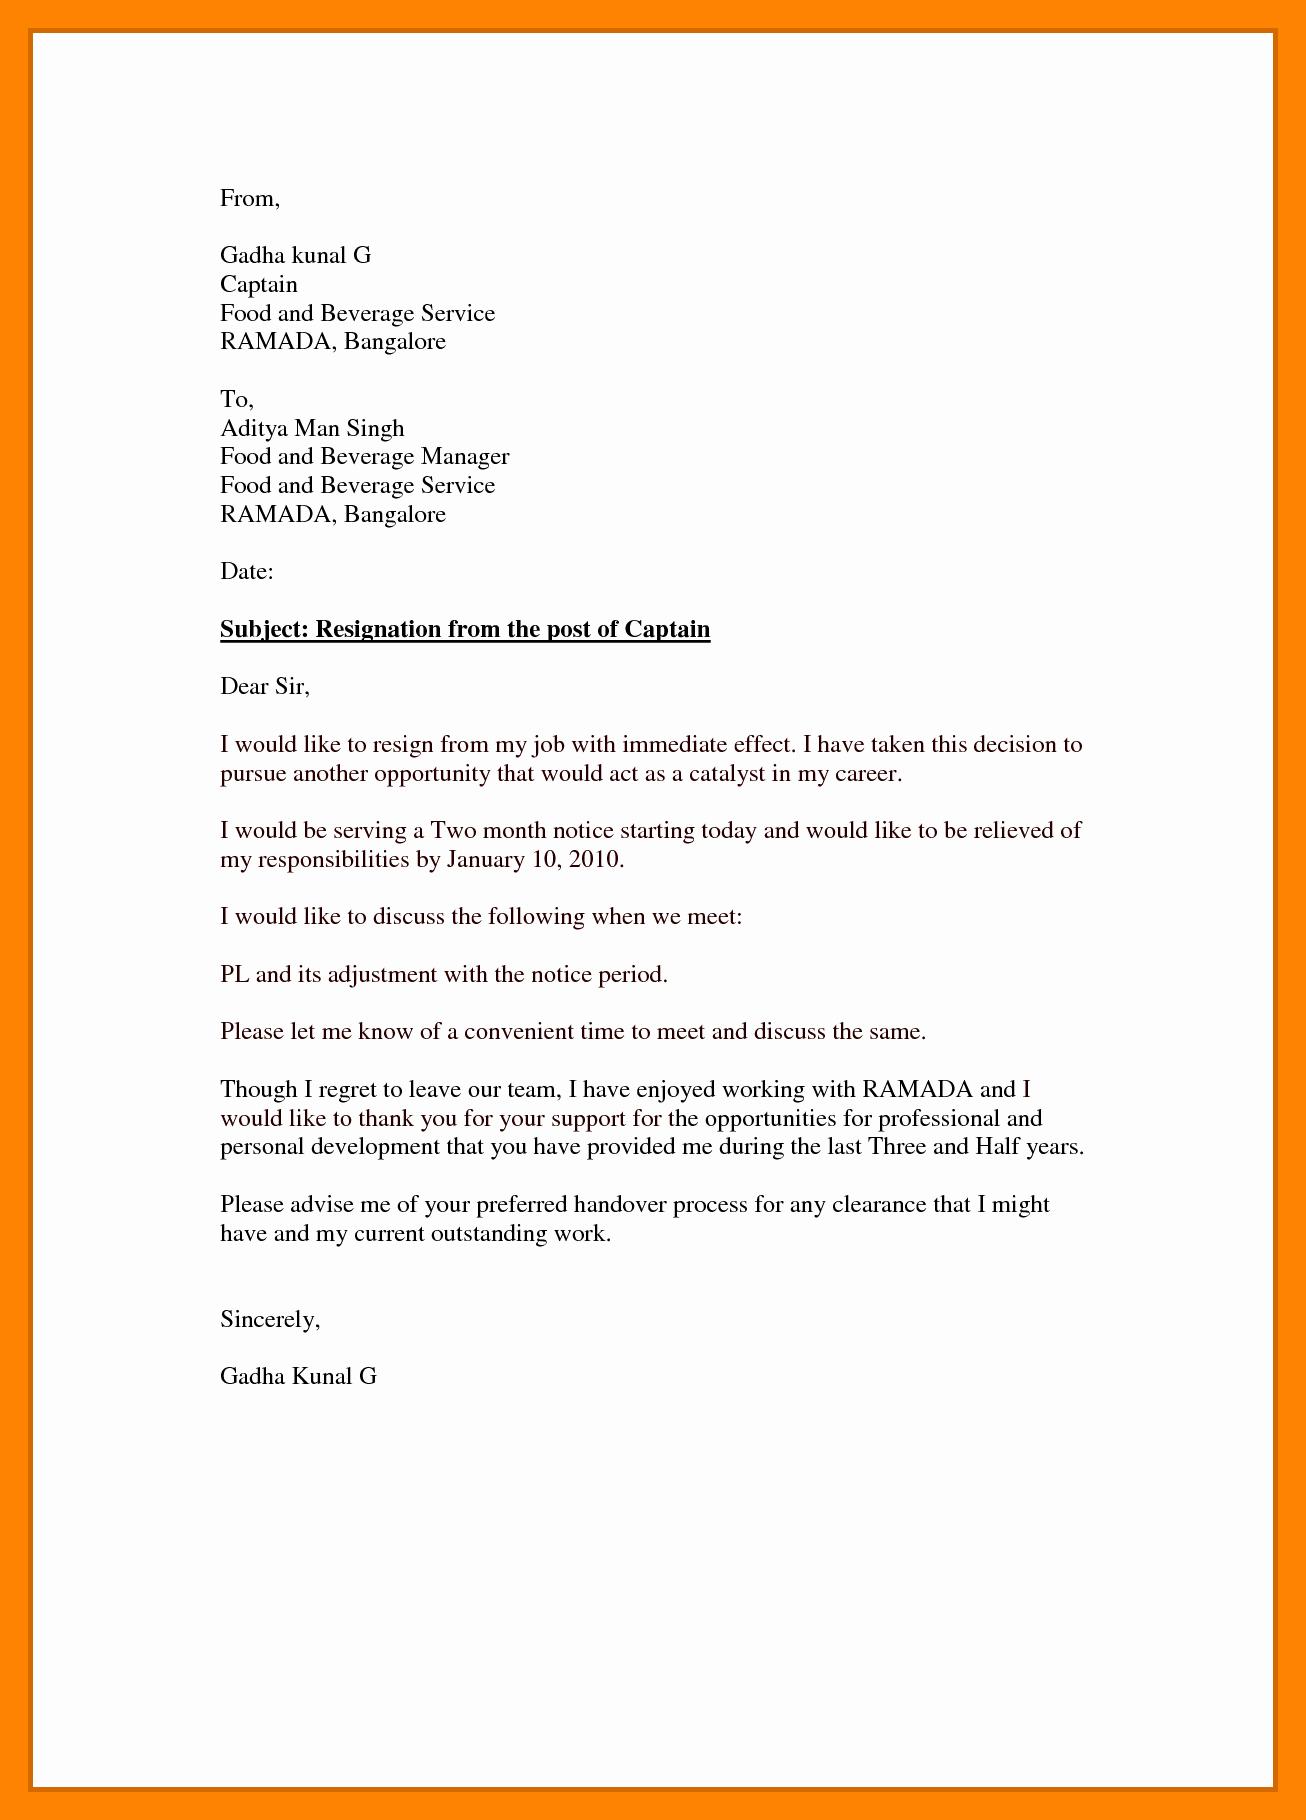 Resignation Letter Effective Immediately Fresh 5 Resignation Letter Samples Effective Immediately